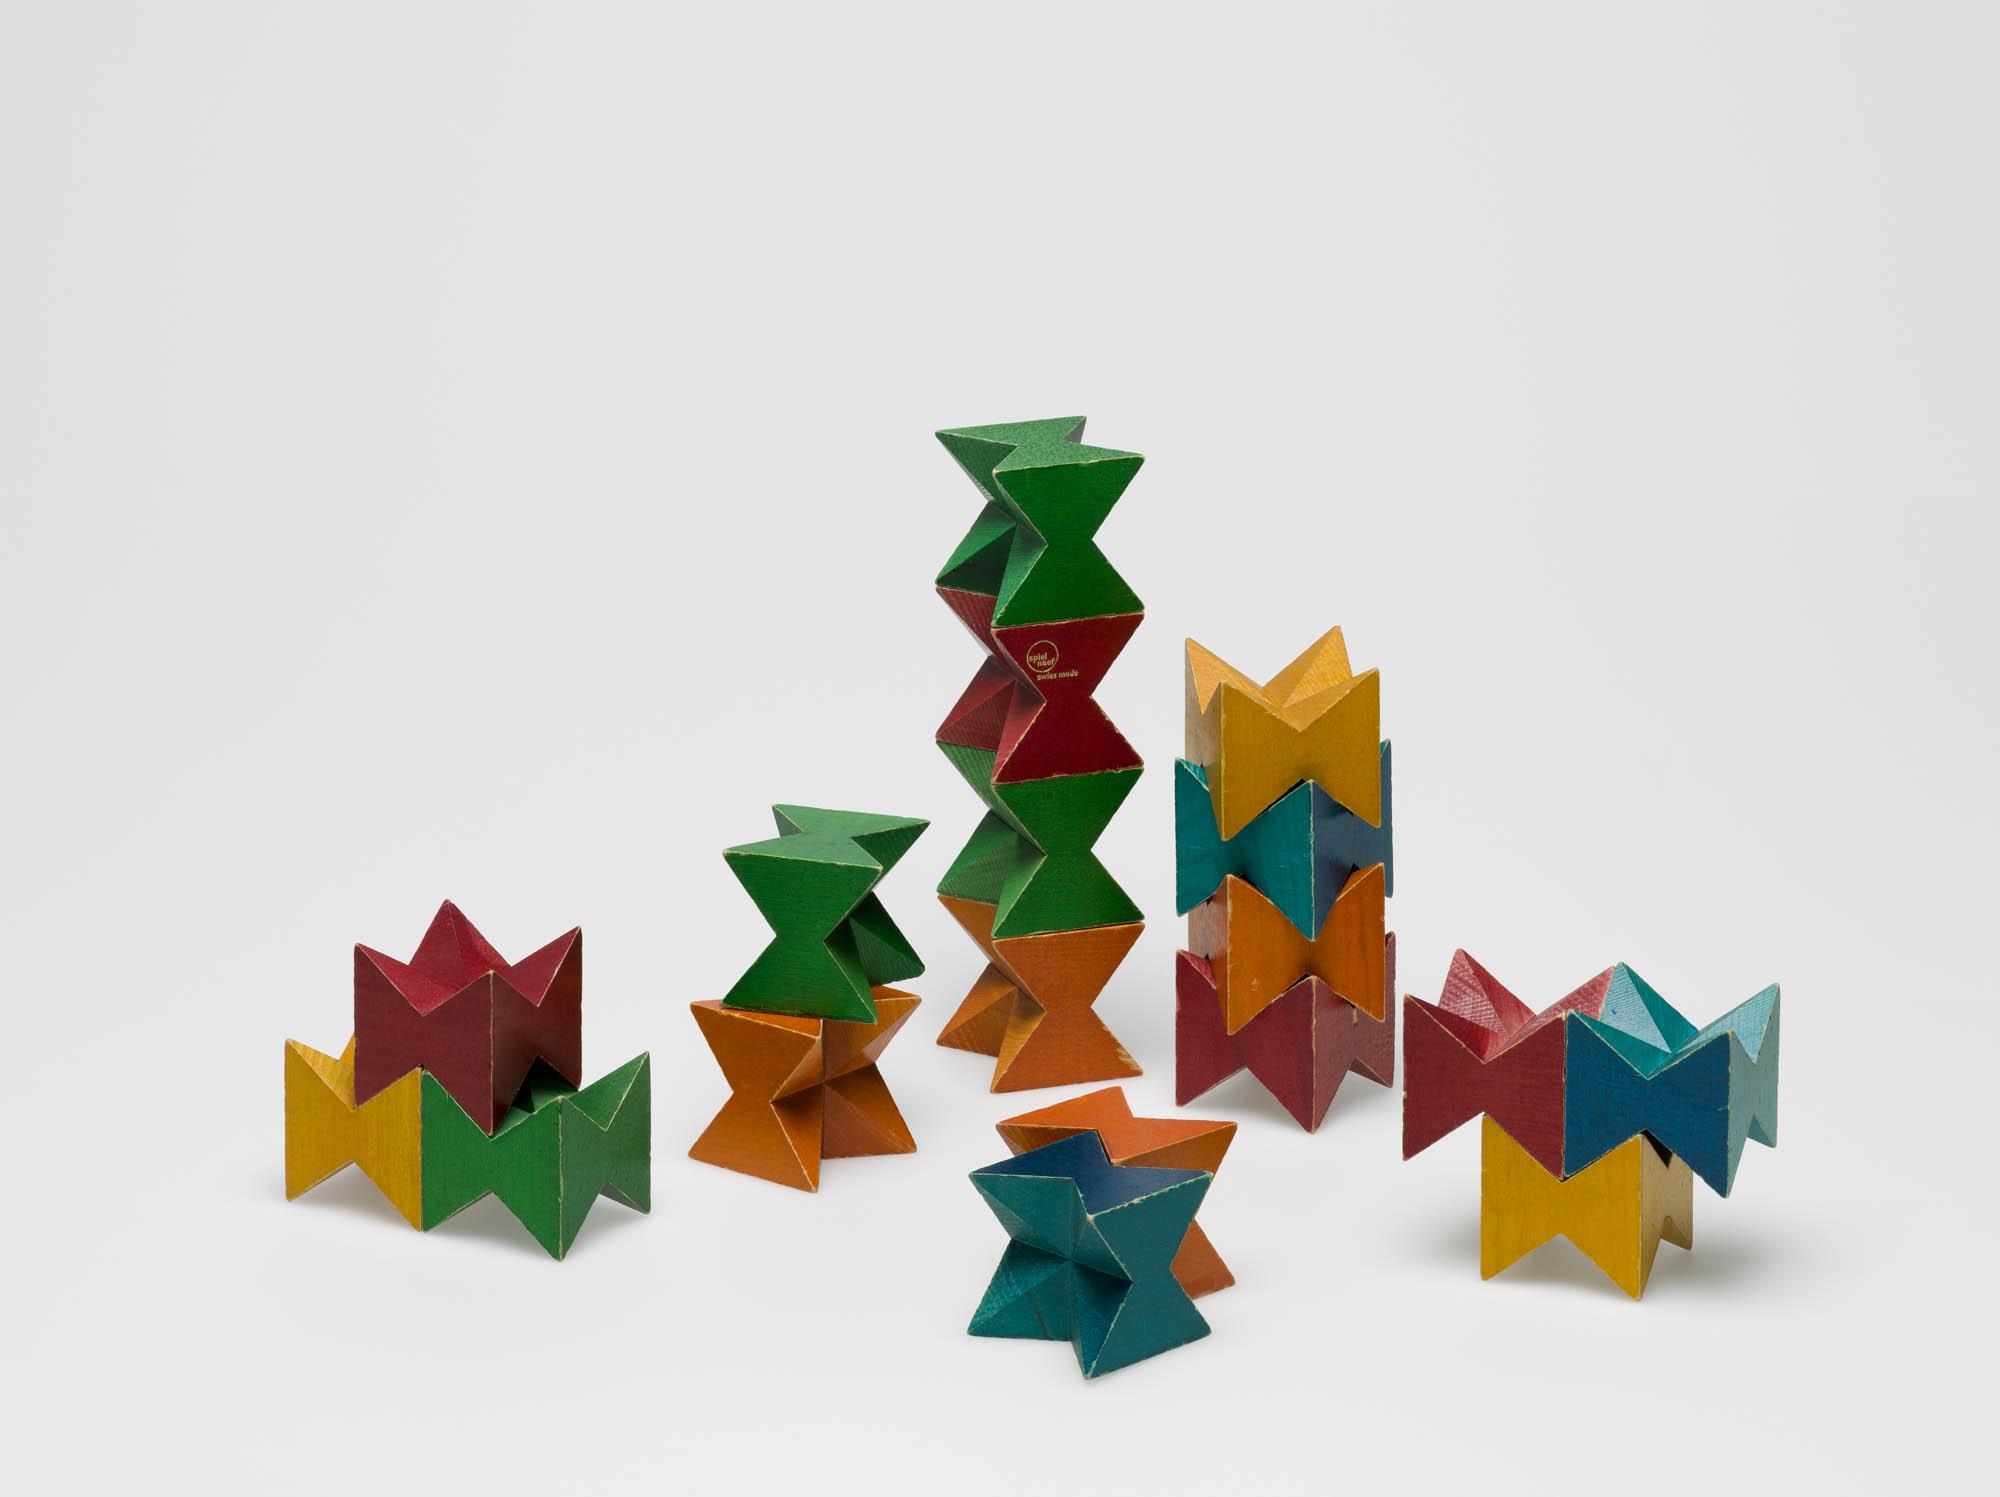 Naef Spiel Kurt Naef Building blocks